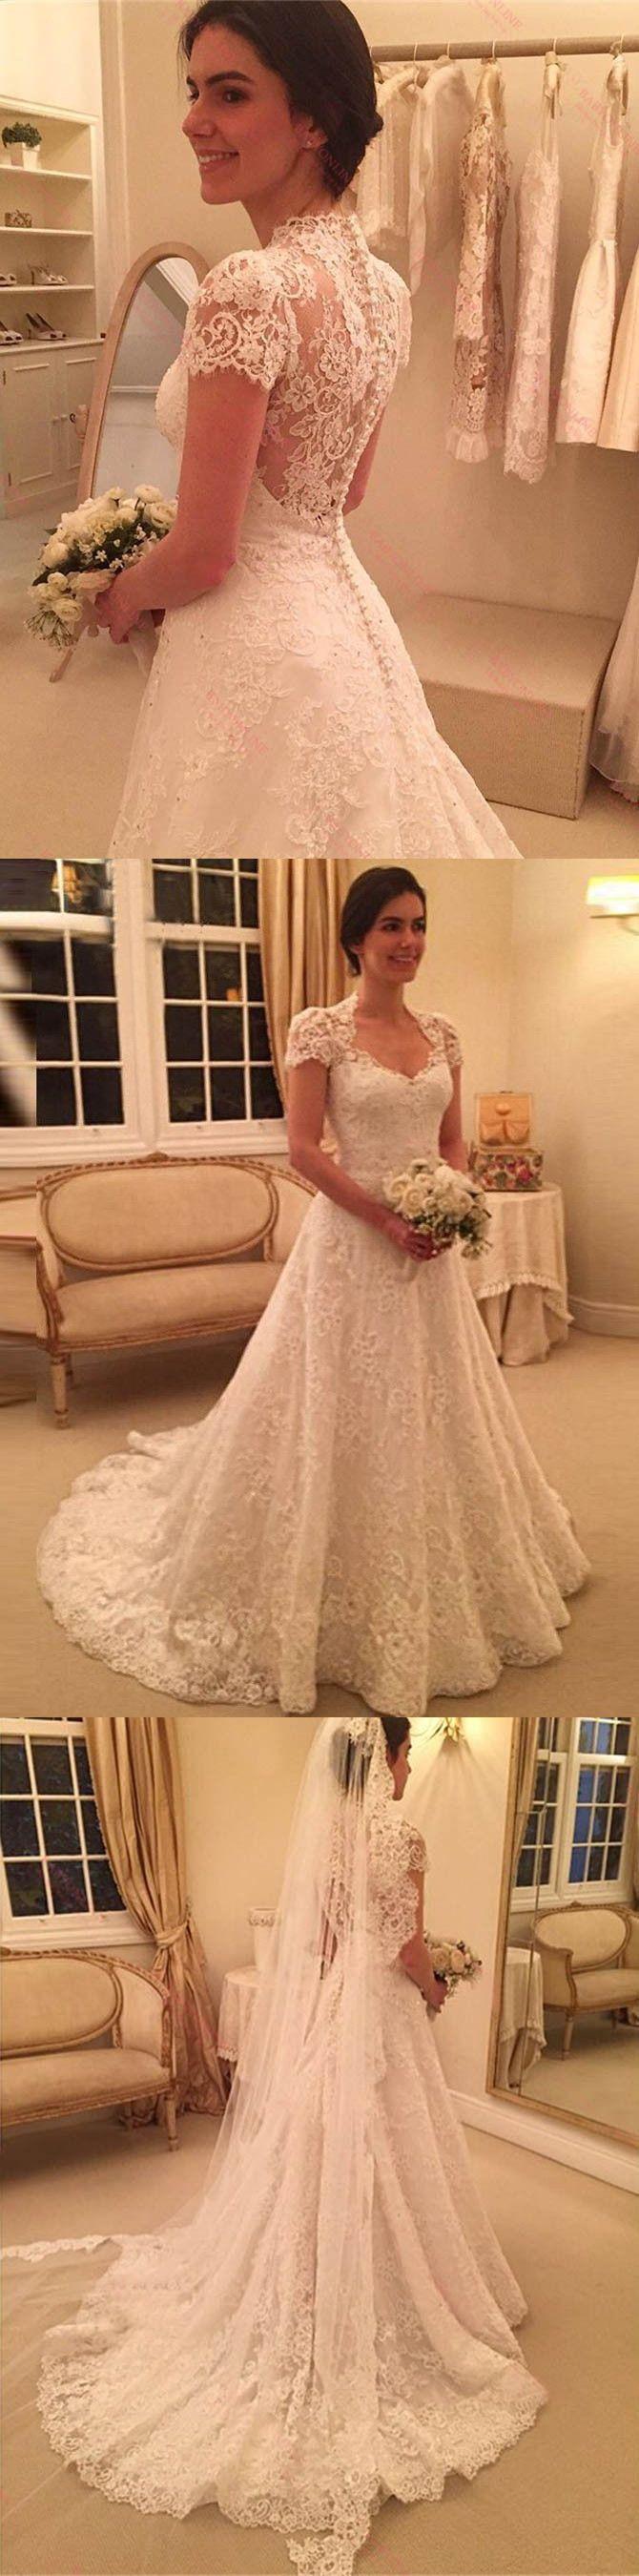 Delicate weddin dress scoop short sleeves wedding dress long lace